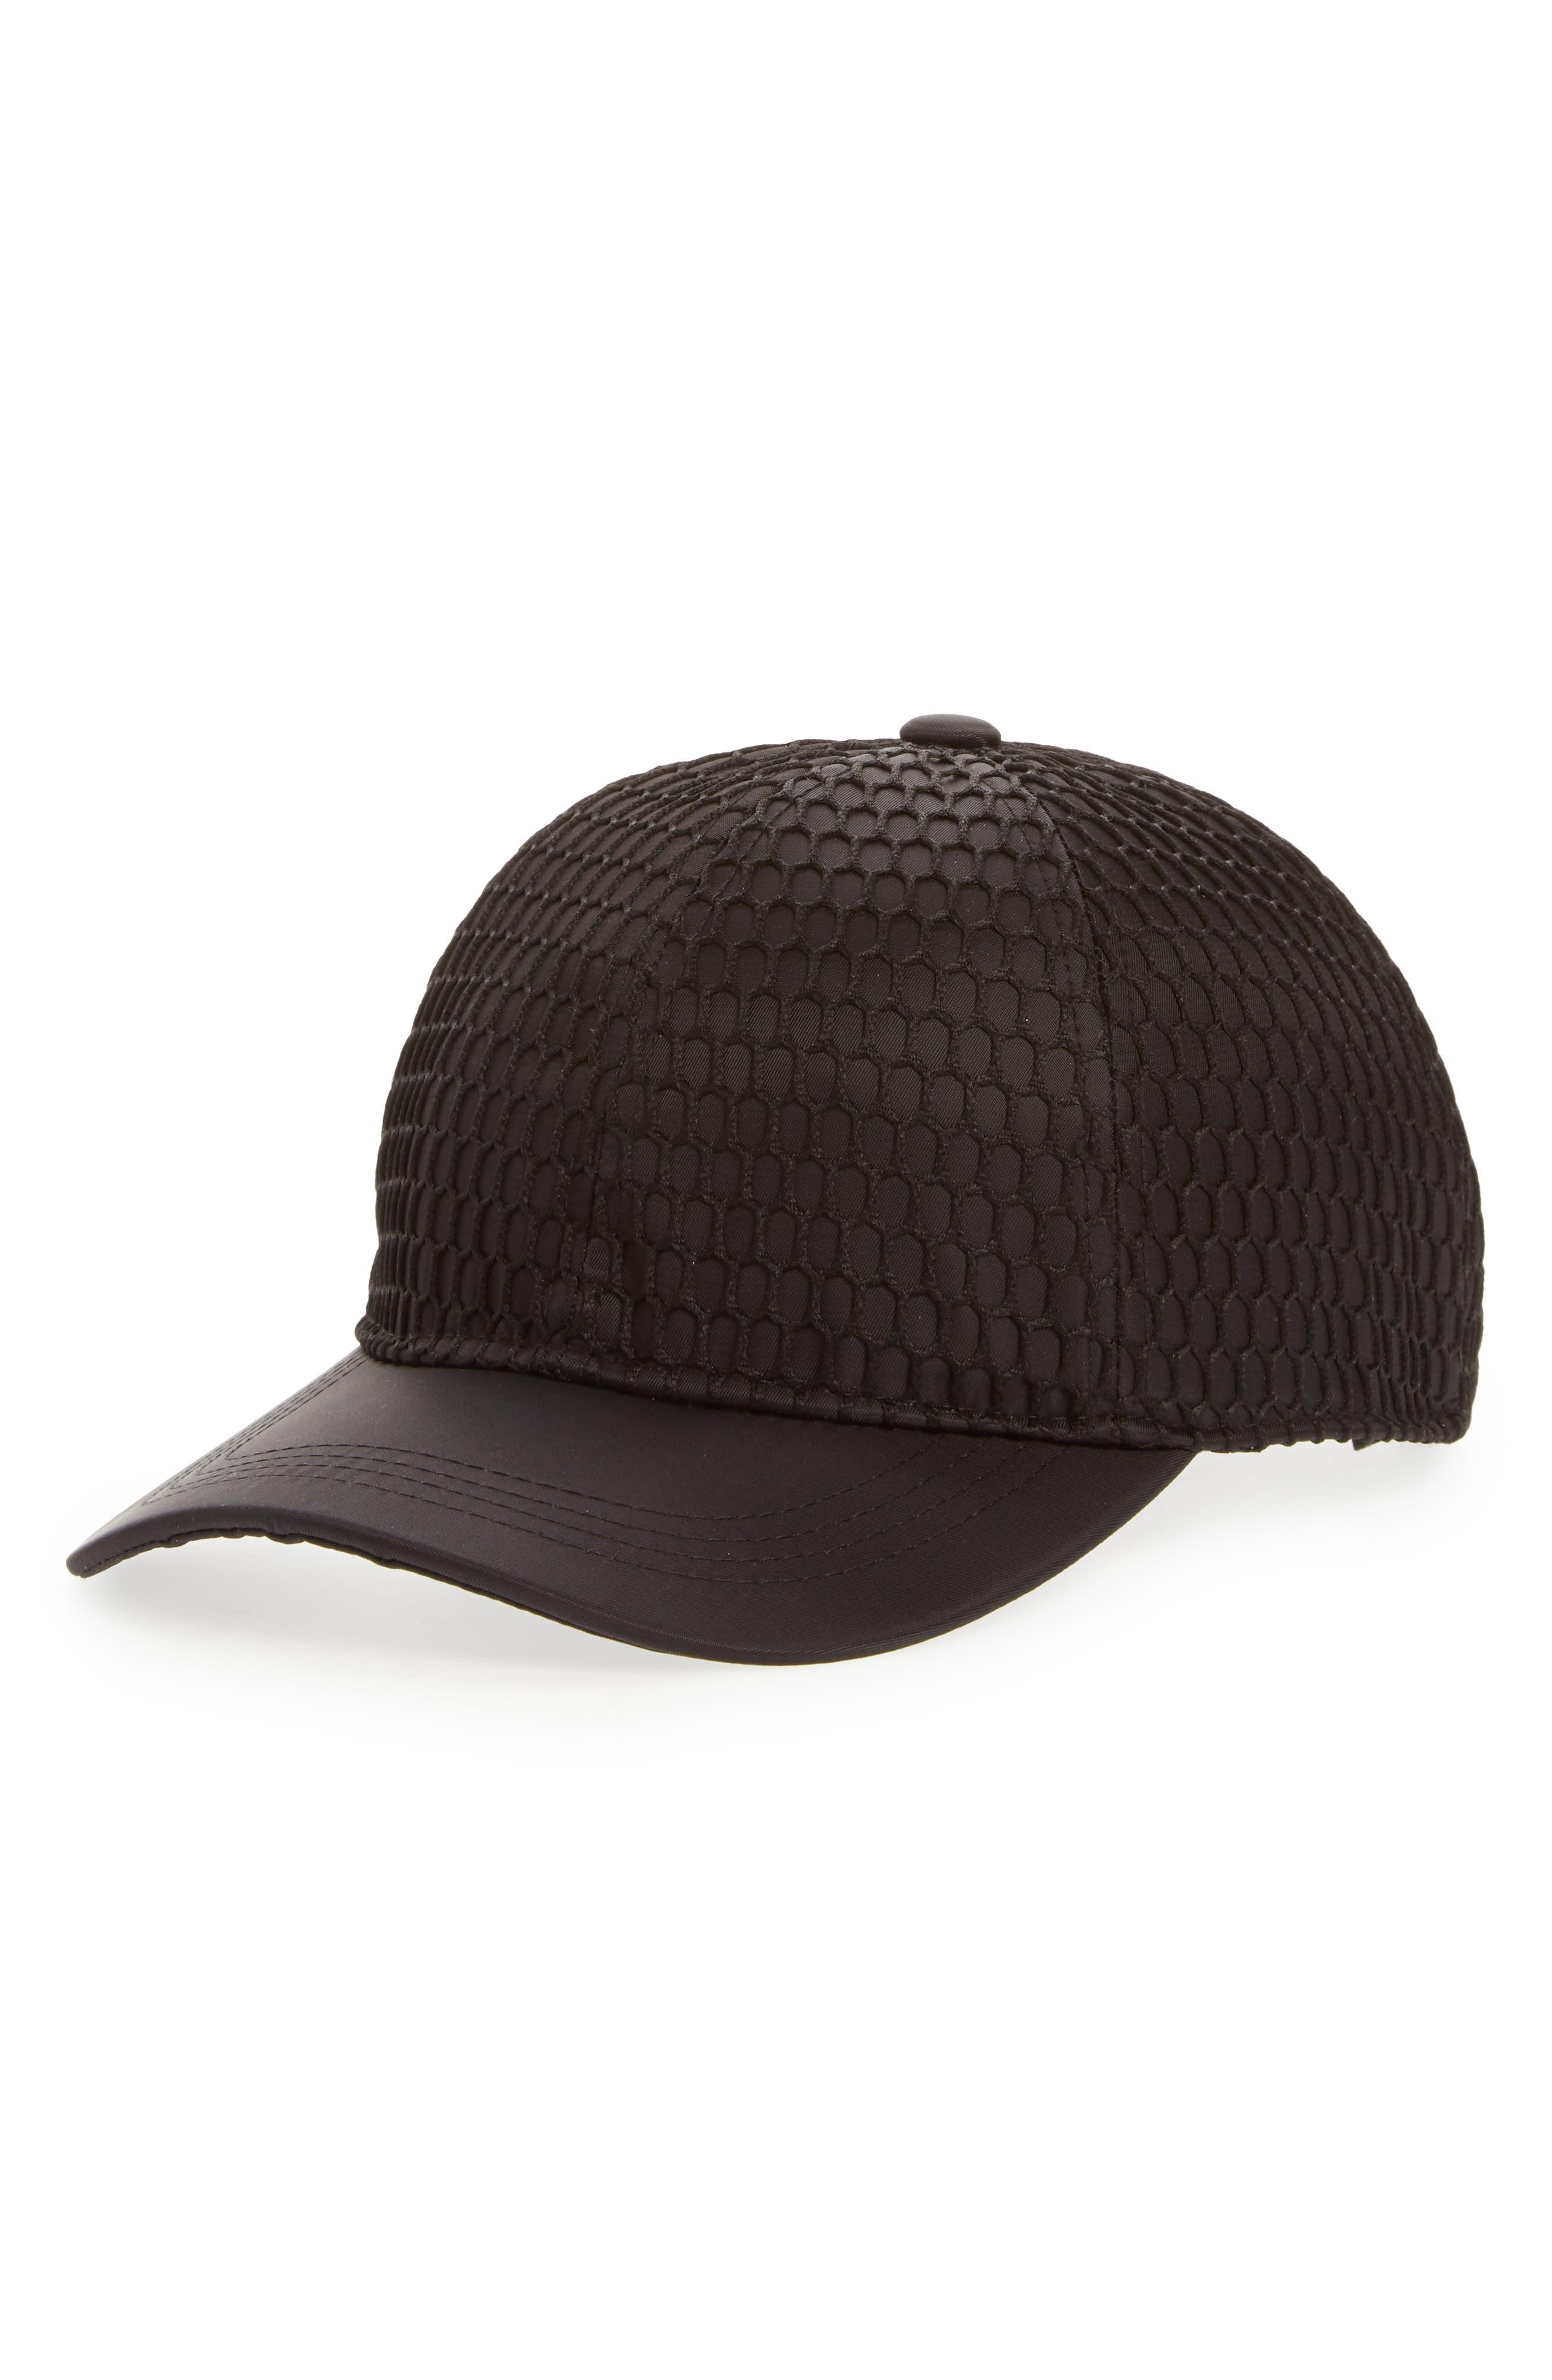 Mesh Crown Baseball Cap,                         Main,                         color,